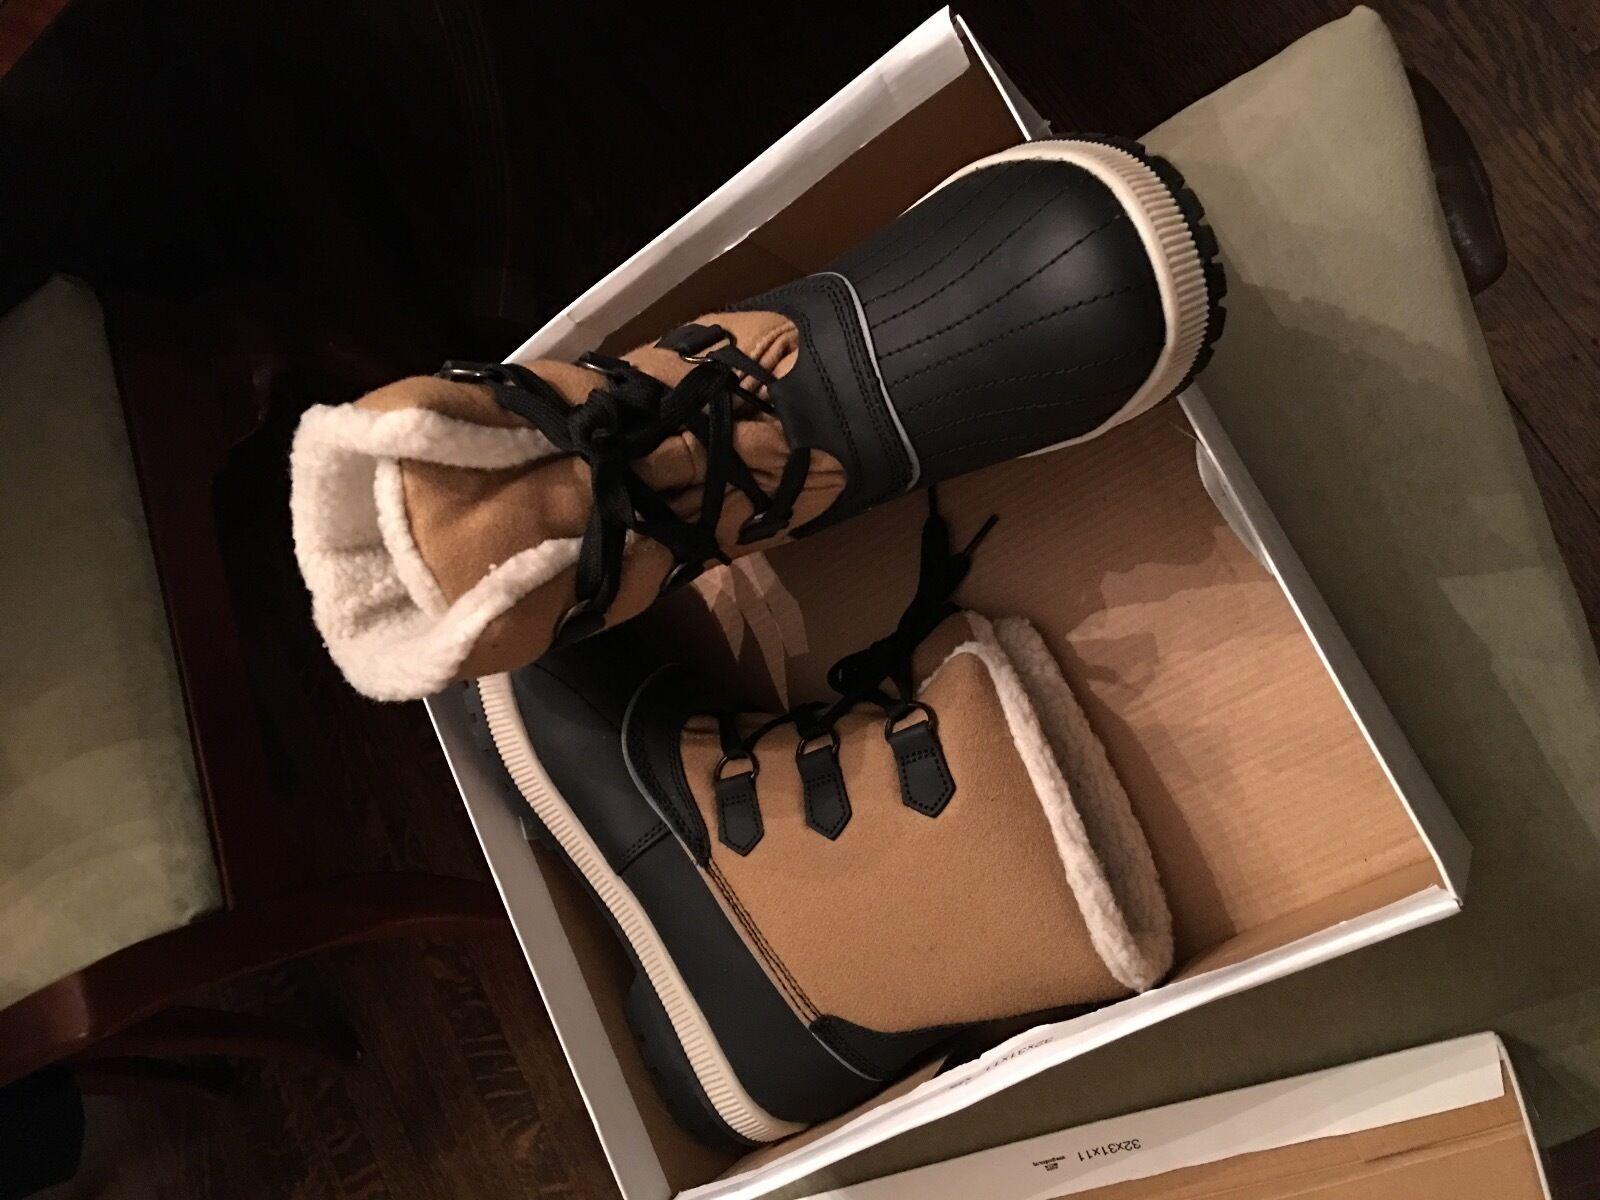 Abound snow boots, size 10 medium